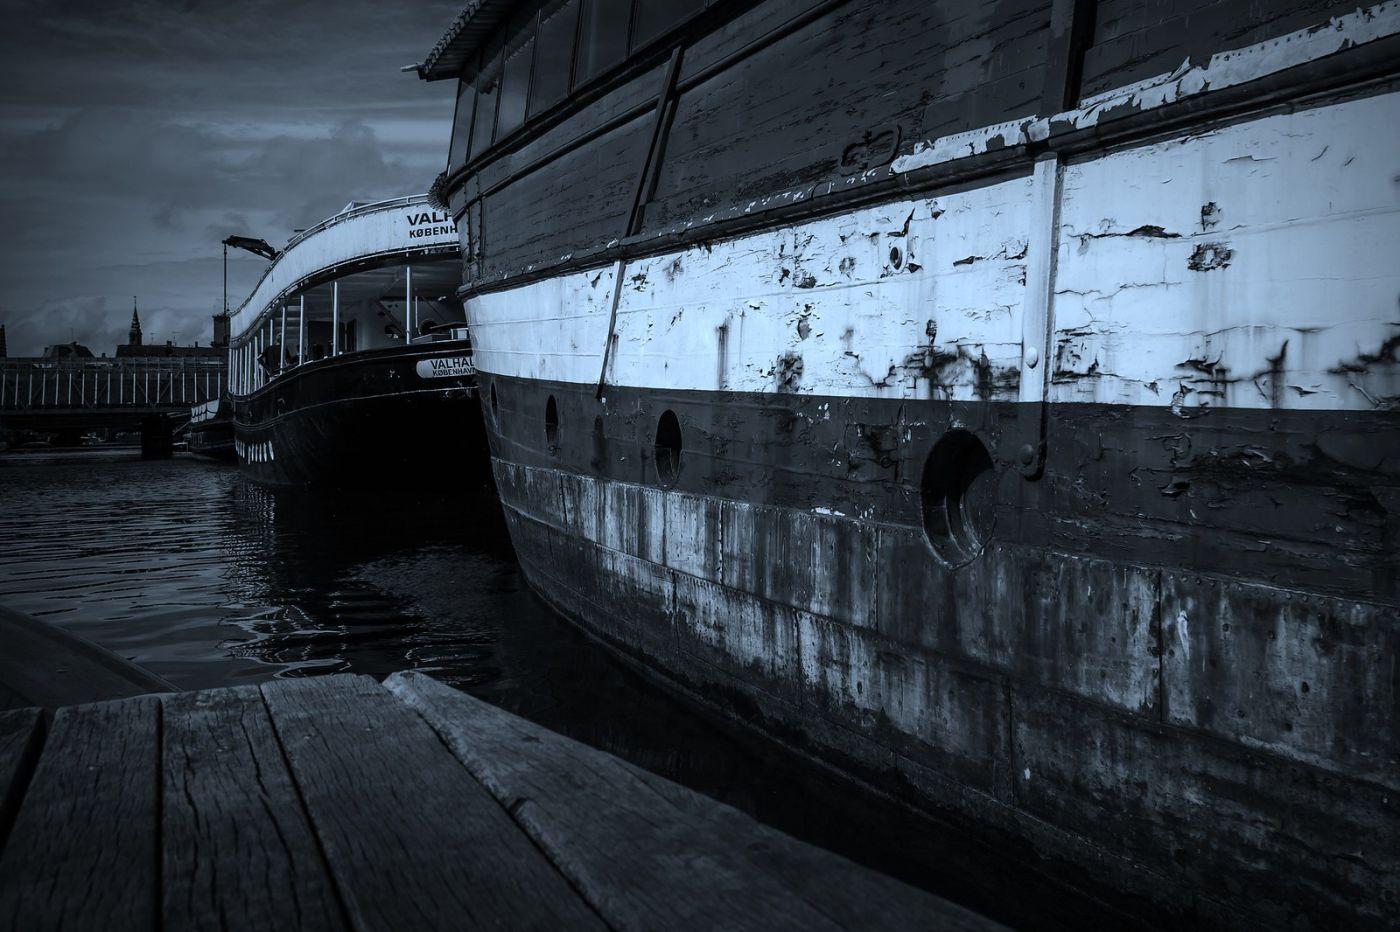 丹麦哥本哈根,坐船看市景_图1-25